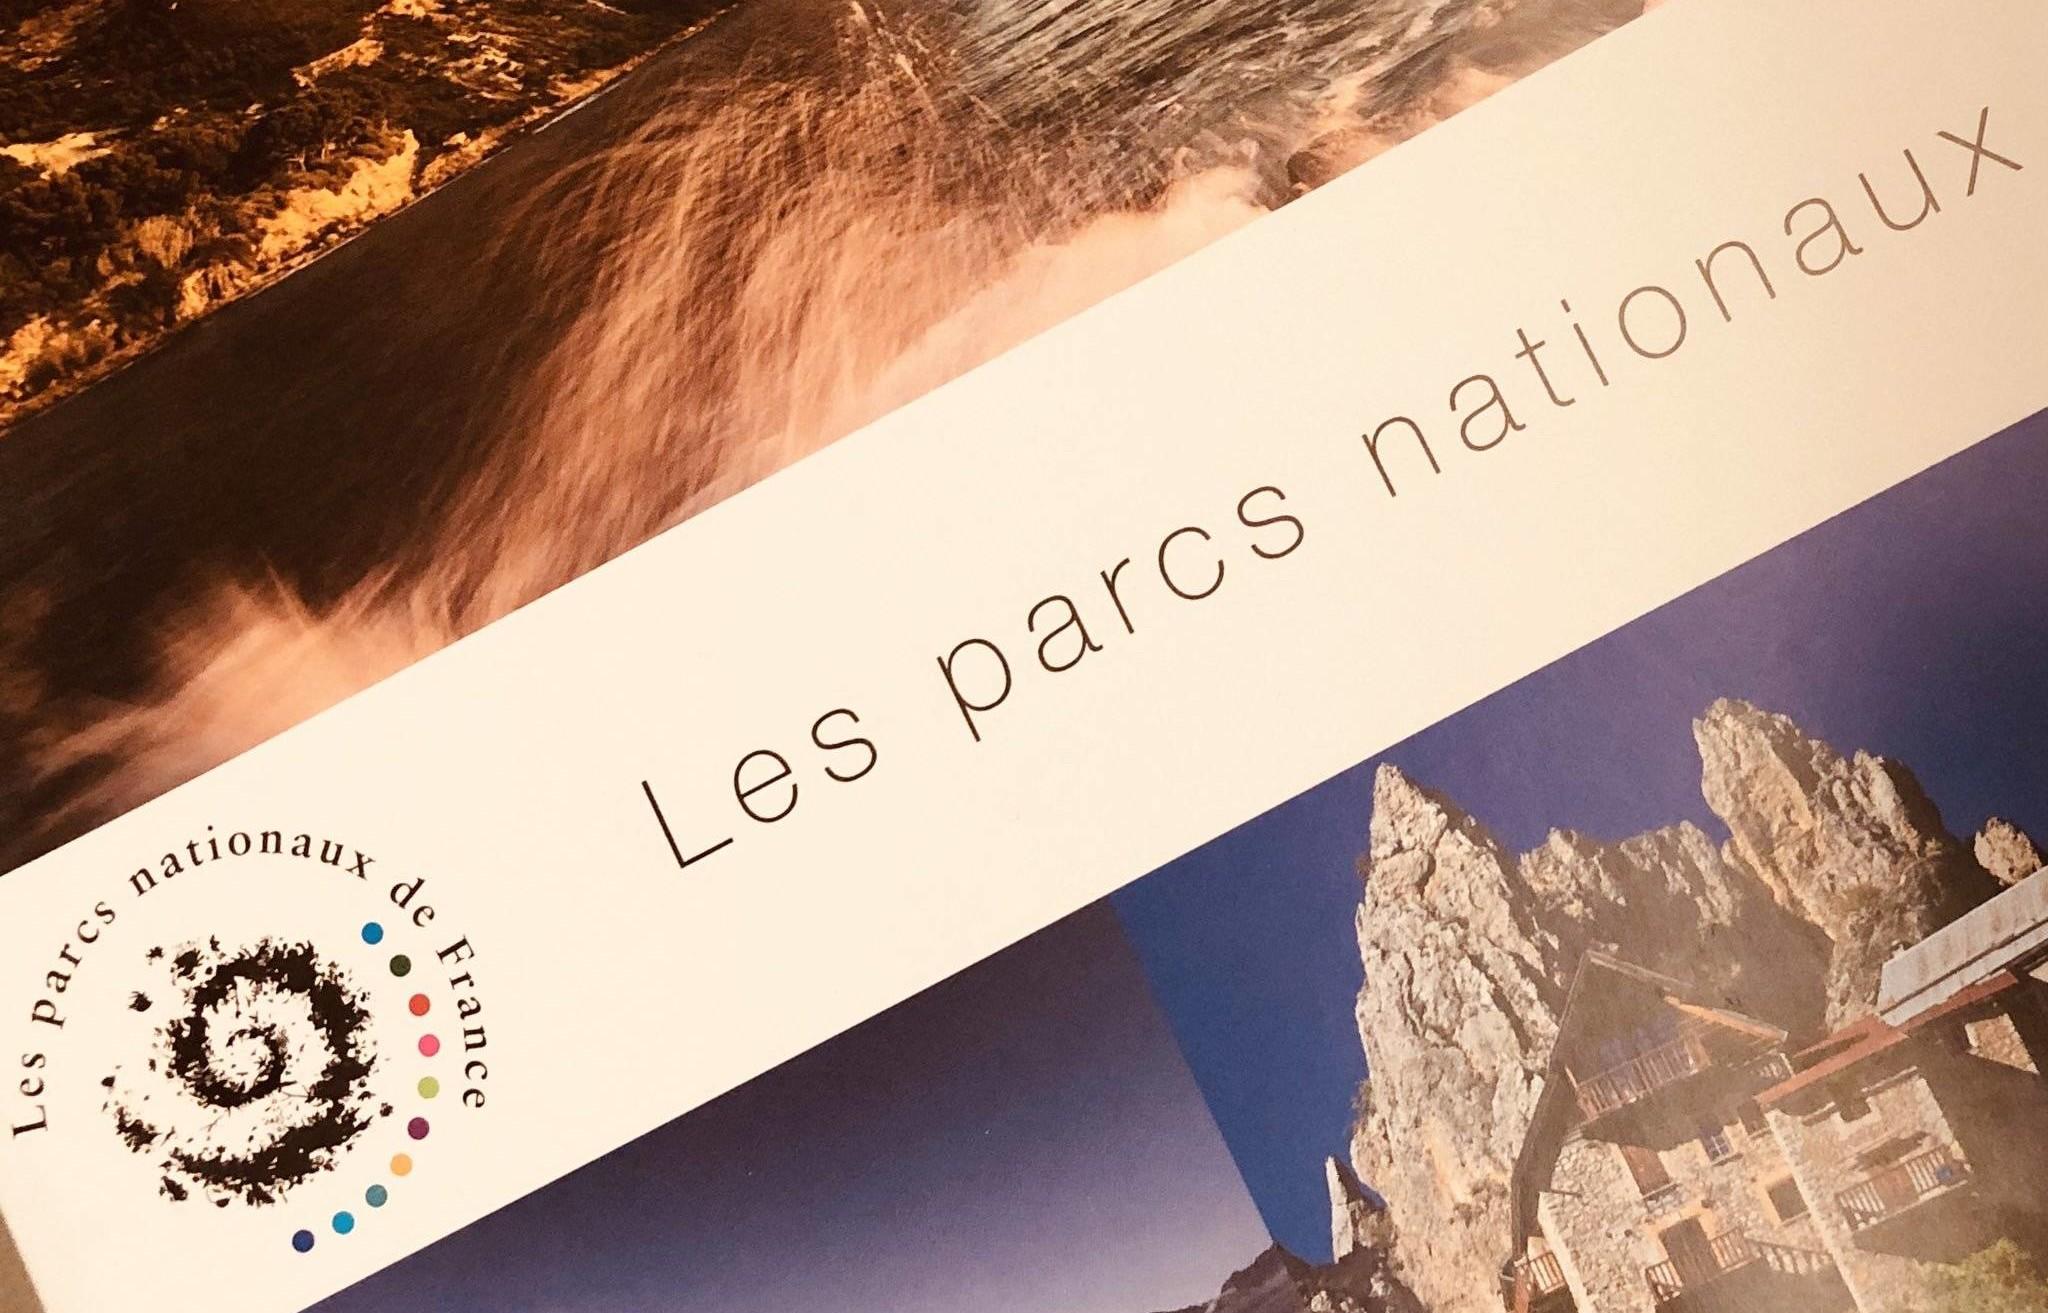 Le Parc national des forêts de Champagne et Bourgogne, une chance !